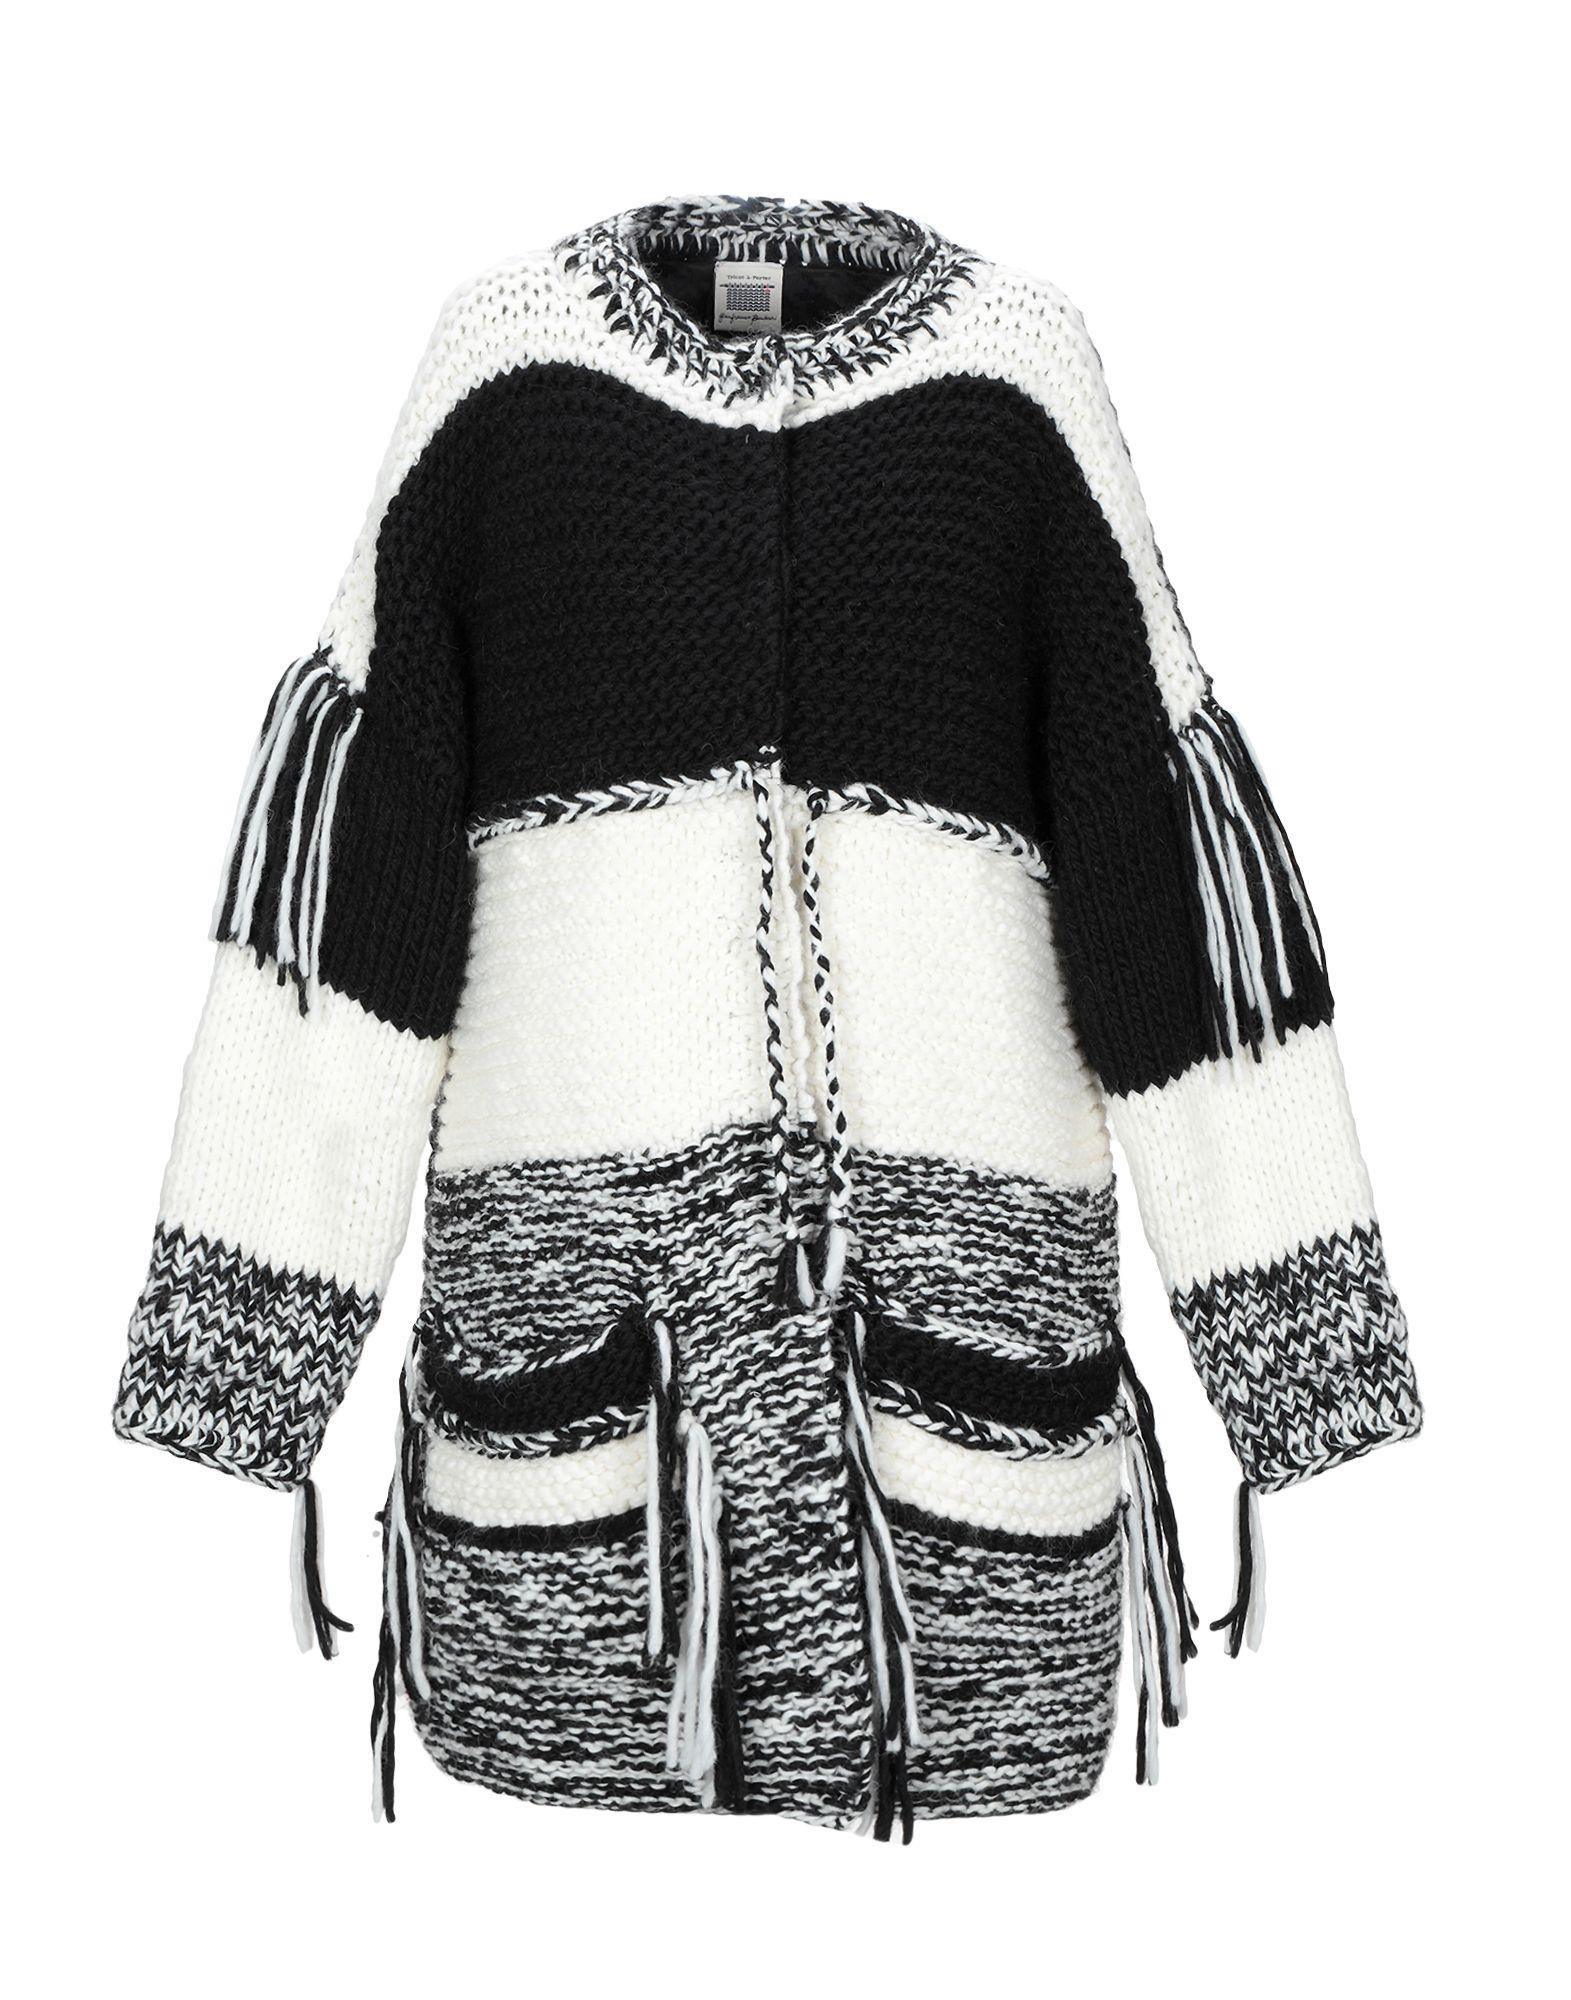 TRICOT-À-PORTER GIANFRANCO BARBIERI Пальто celebrities tricot пальто